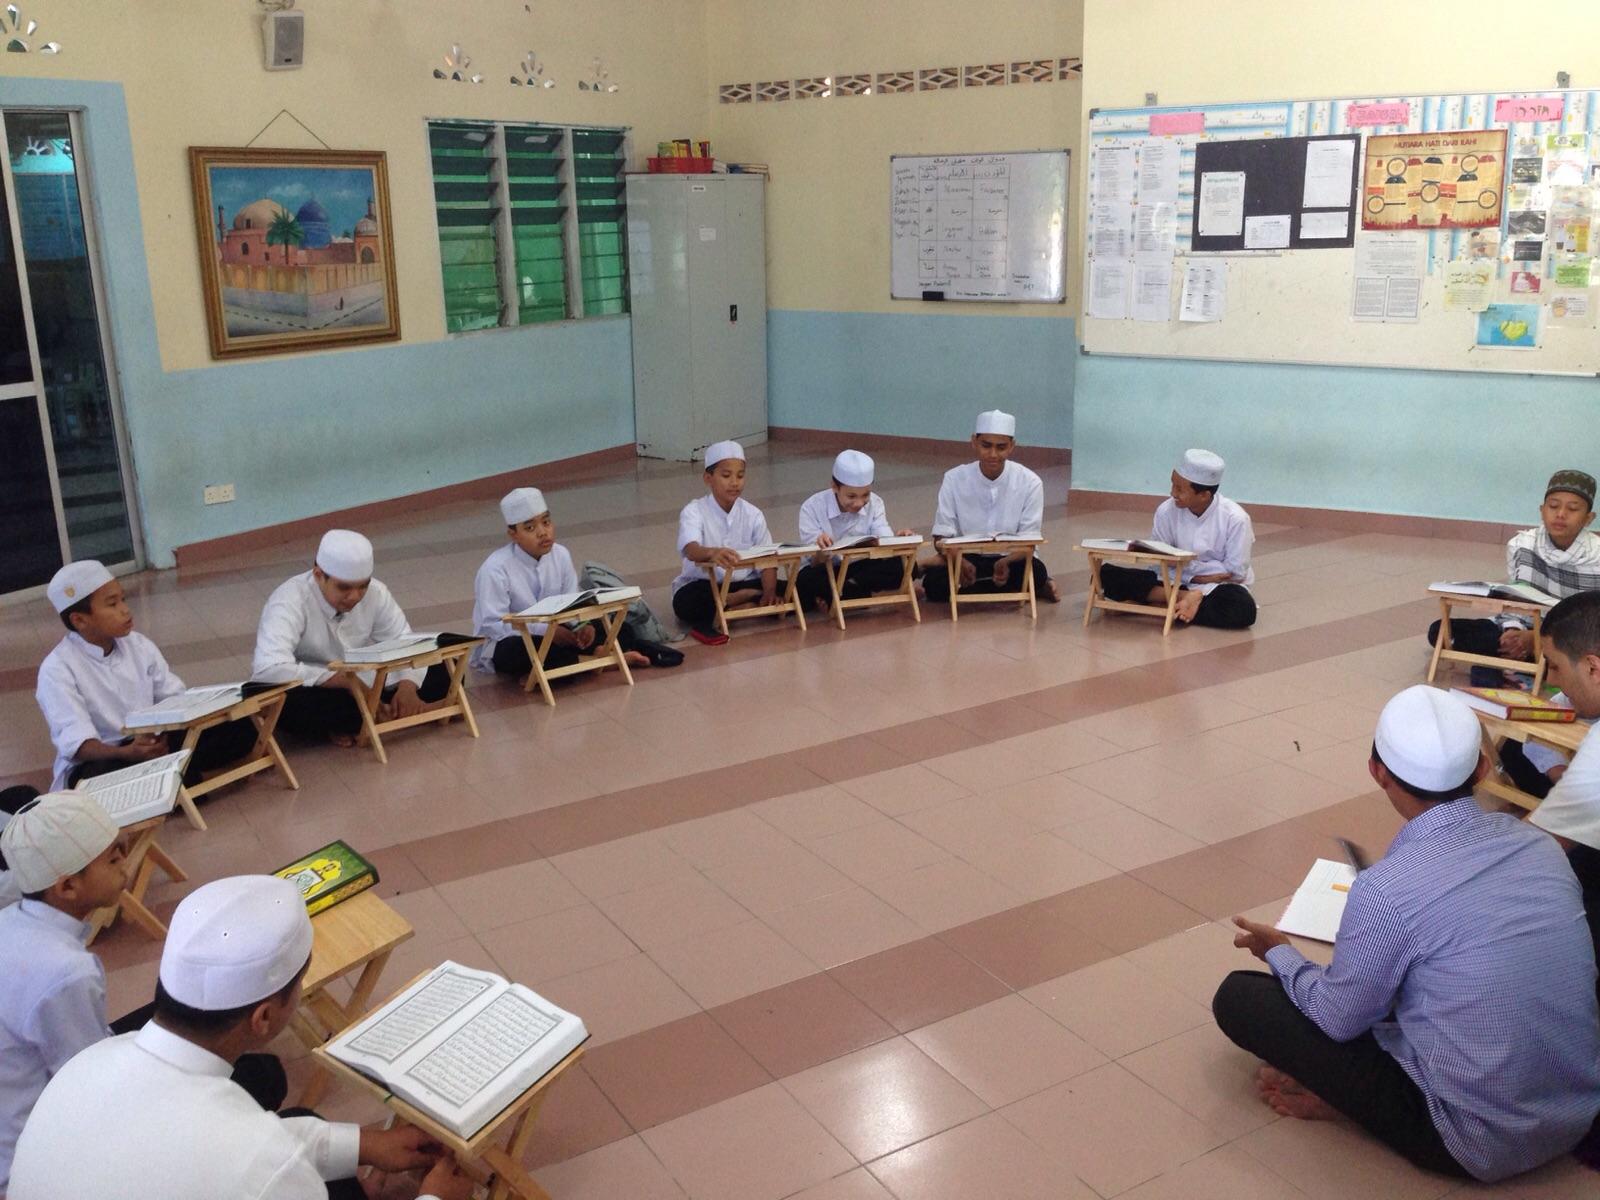 Photo of Keutamaan Membaca, Menghafal Dan Memahami Al-Qur'an Serta Adab-Adabnya